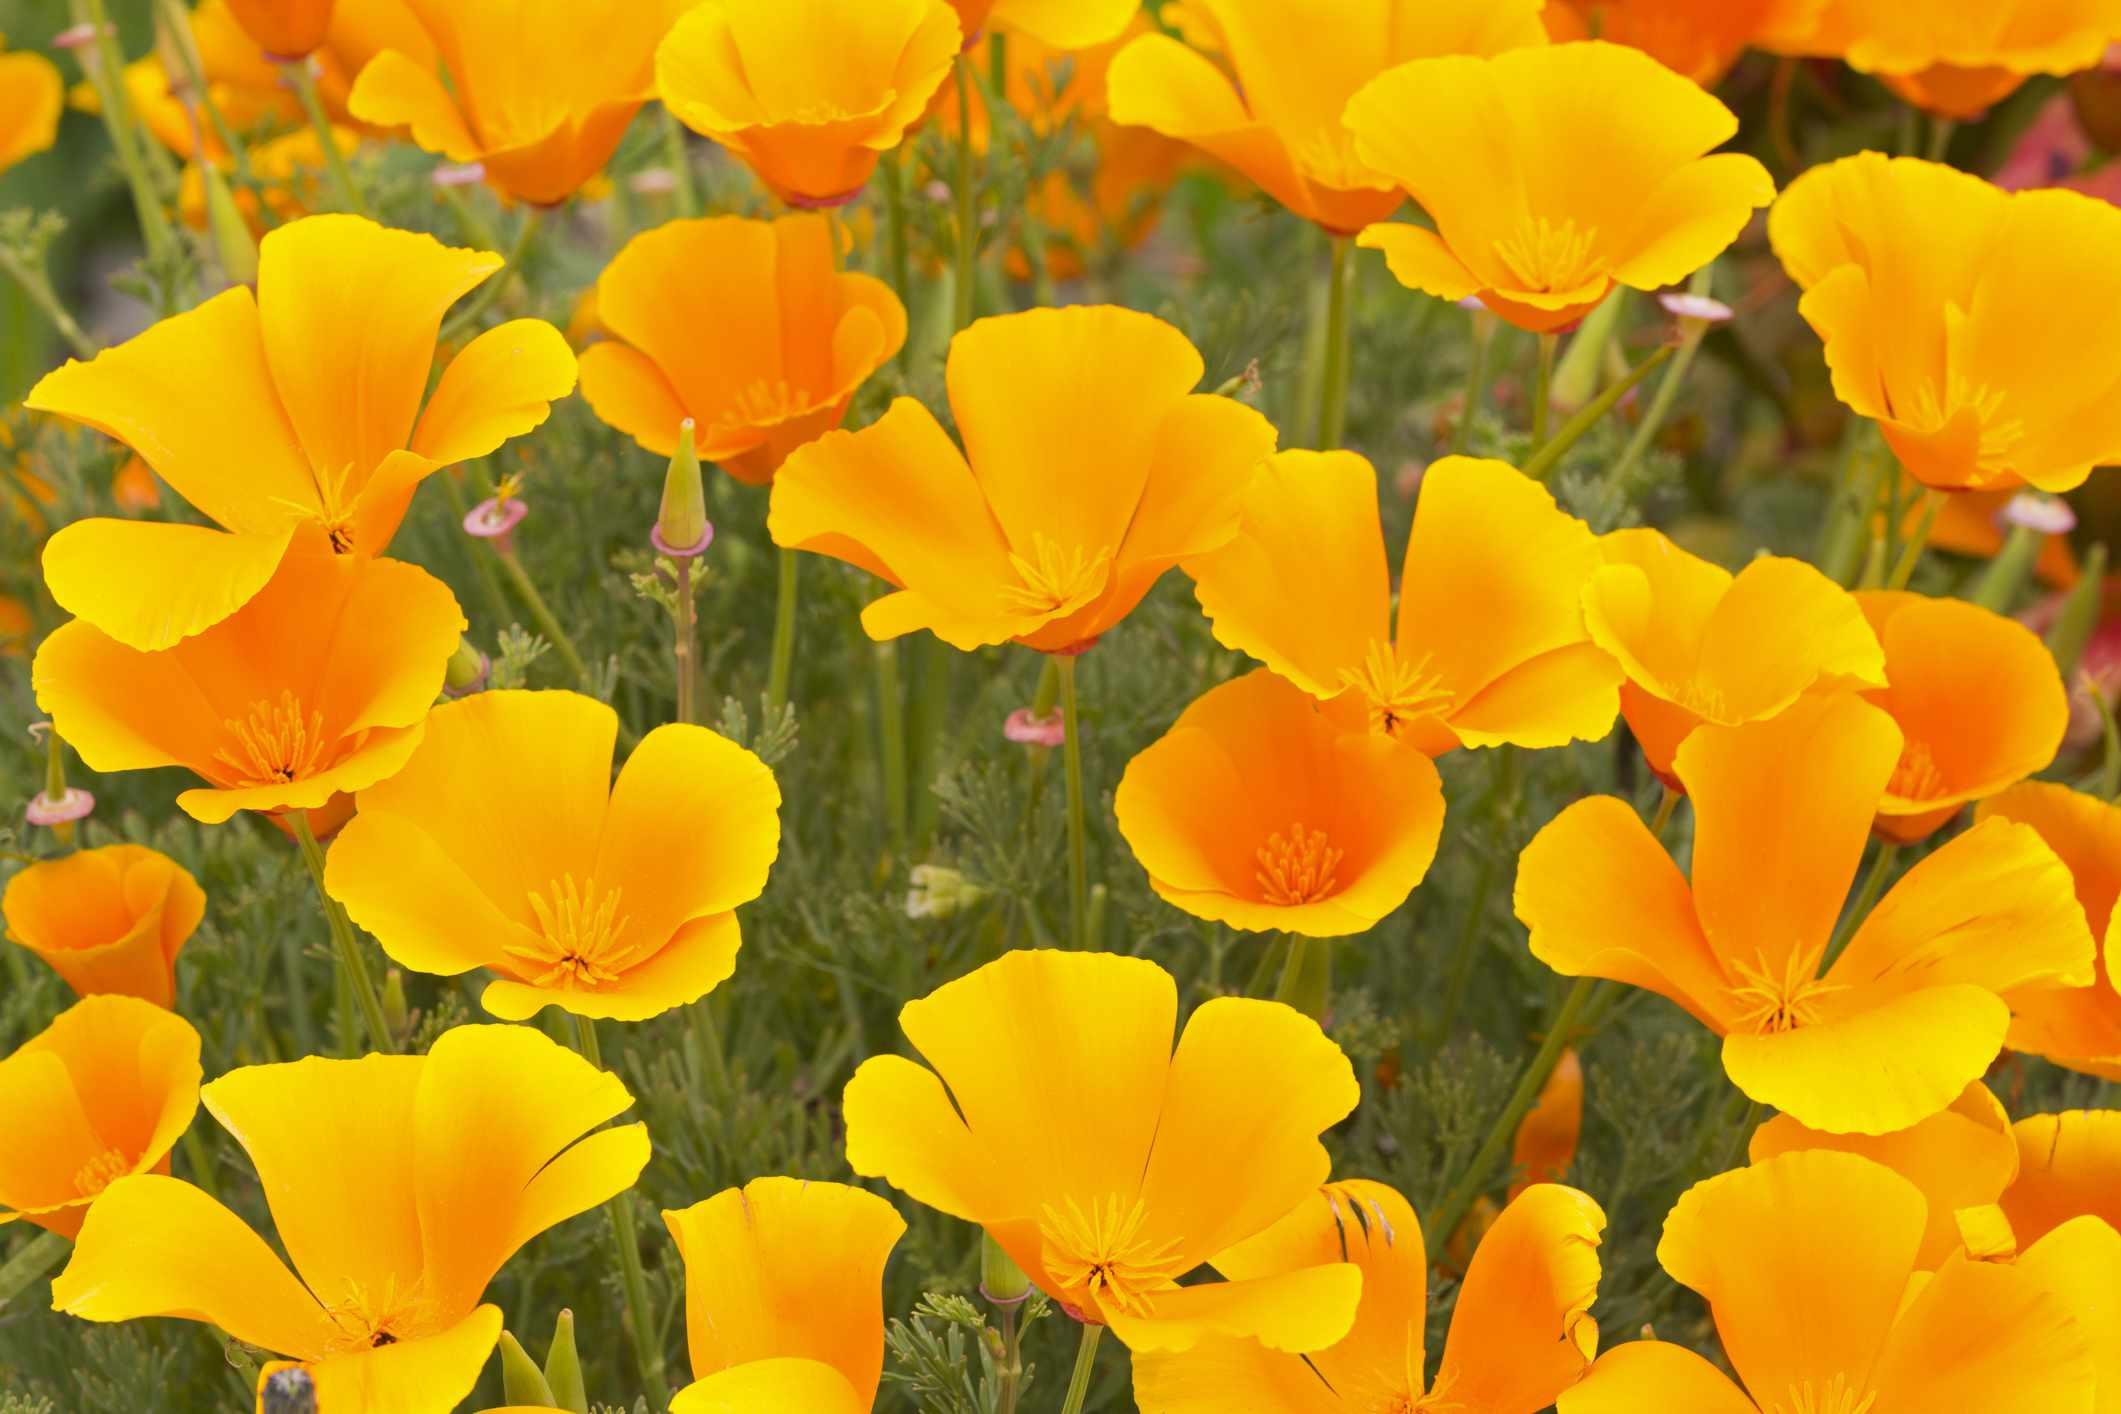 California Poppies (Eschscholzia)